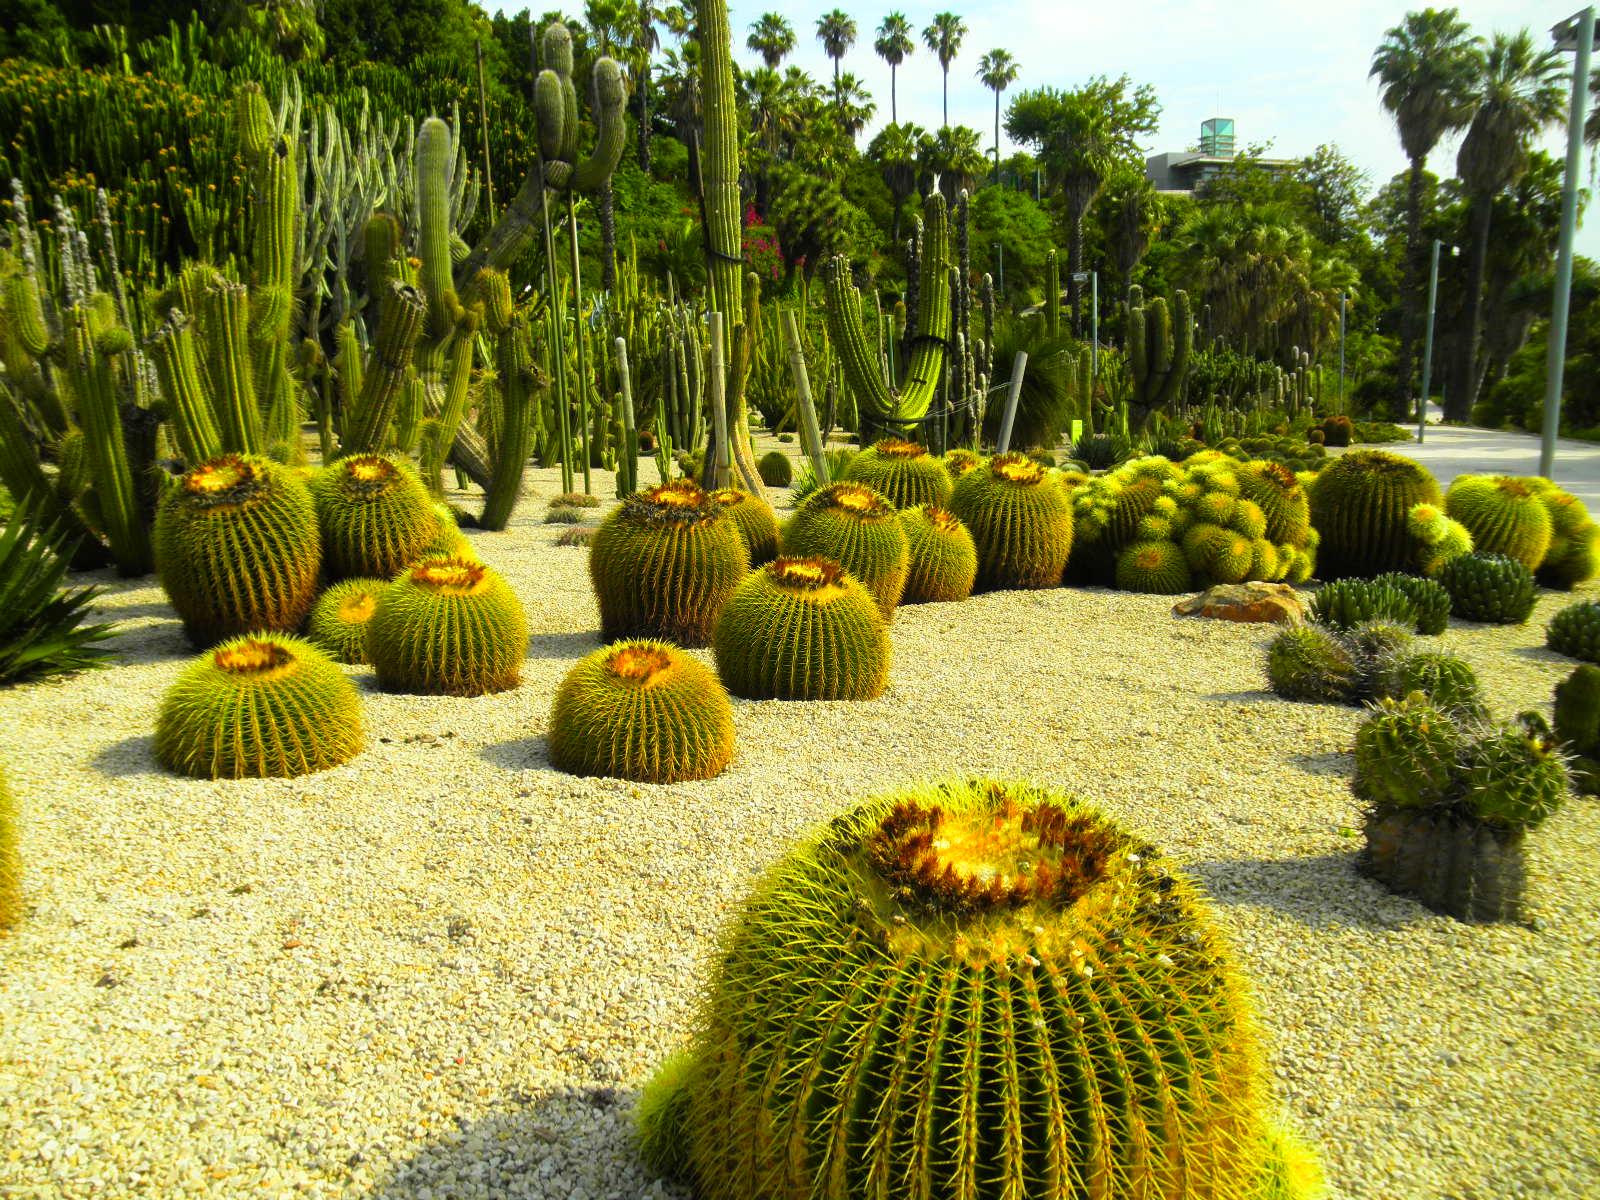 Jardines de cactus fotos de naturaleza for Jardines con cactus